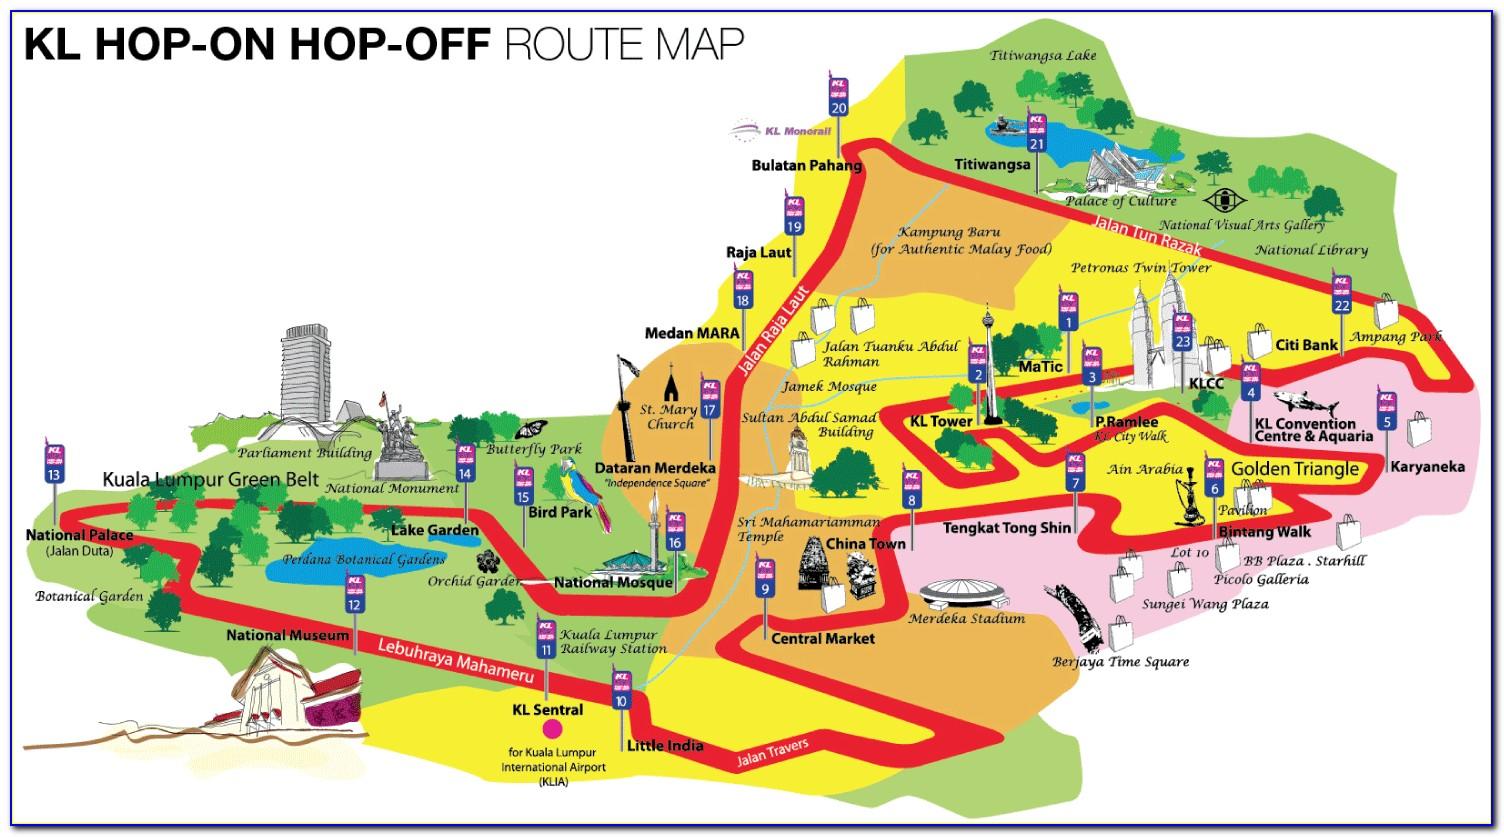 Singapore Hop On Hop Off Bus Tour Map